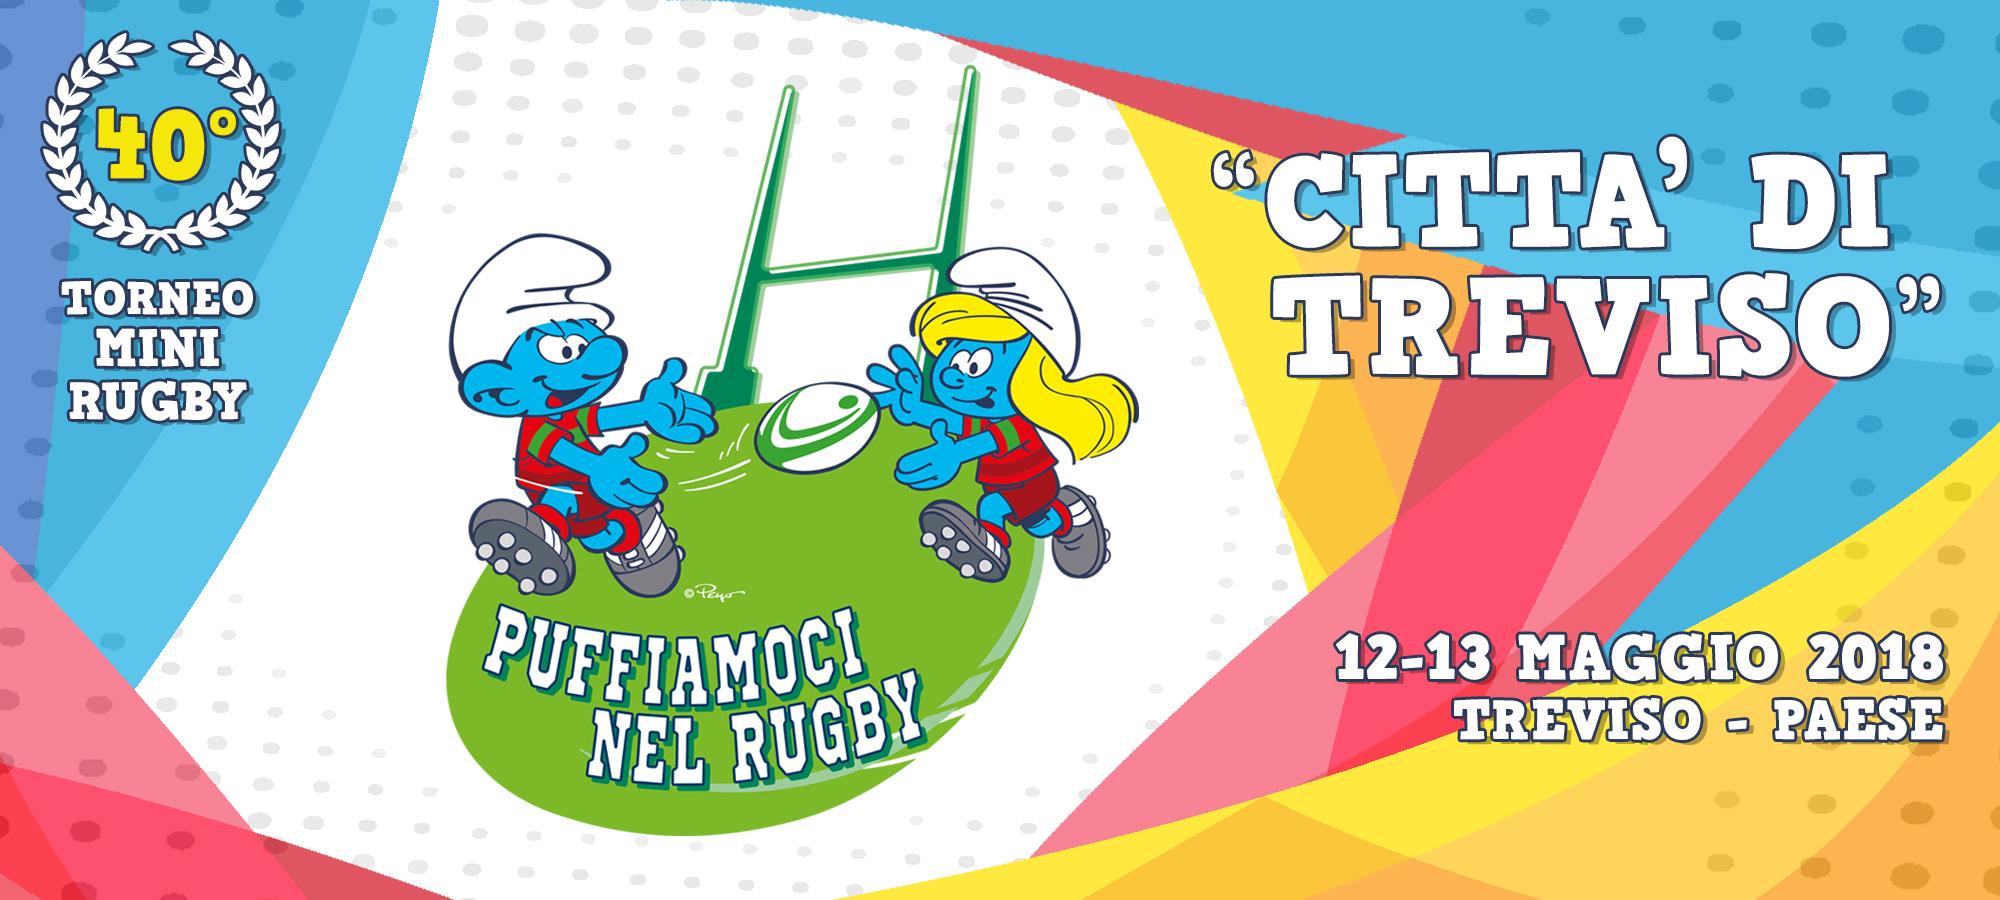 Calendario Tornei Minirugby 2020.Ecco I Gironi Del 40 Torneo Mini Rugby Citta Di Treviso